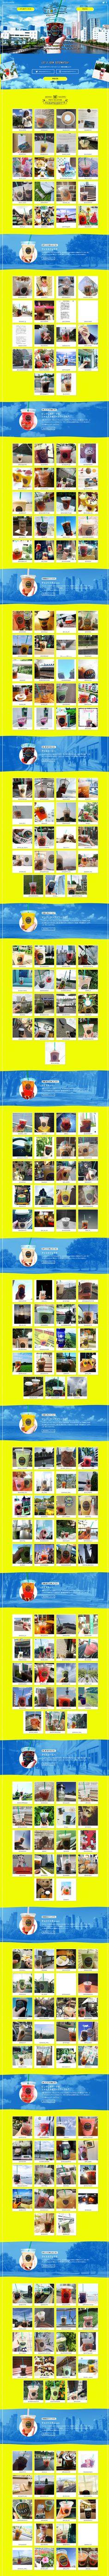 そと夏タリーズ【飲料・お酒関連】のLPデザイン。WEBデザイナーさん必見!ランディングページのデザイン参考に(派手系) Web Design, Web Banner Design, Site Design, Design Campaign, Website Layout, Landing Page Design, Layout Inspiration, Page Layout, Magazine